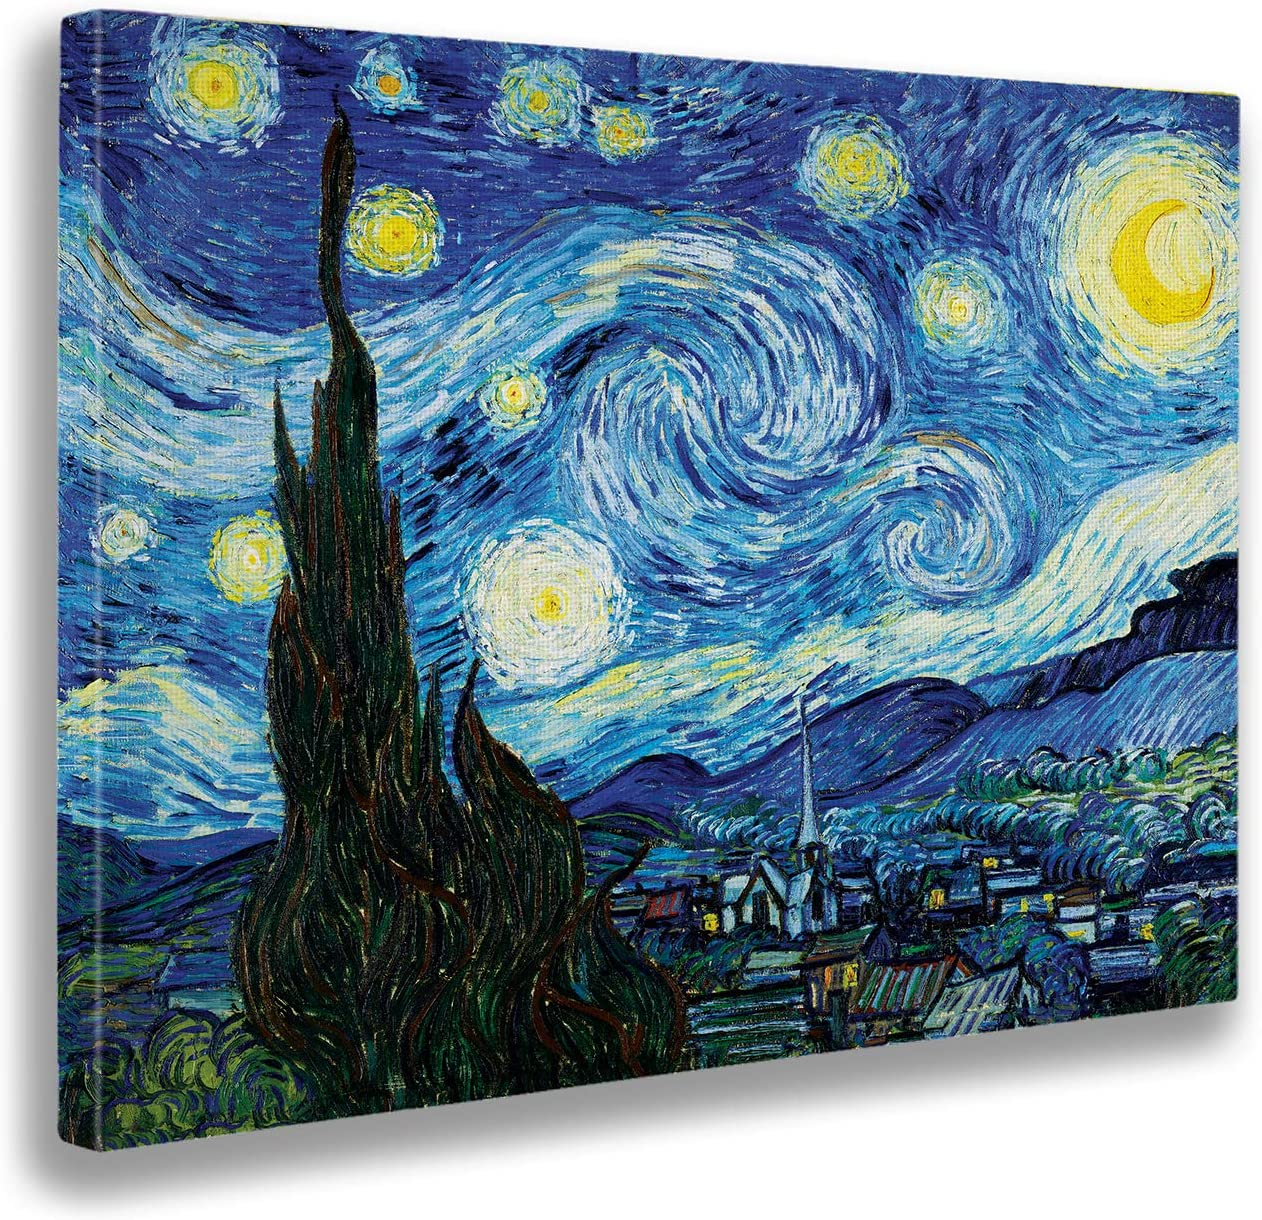 Giallobus - Cuadro - Impresion EN Lienzo - Vincent Van Gogh - Noche DE Estrellas - 100 x 140 CM